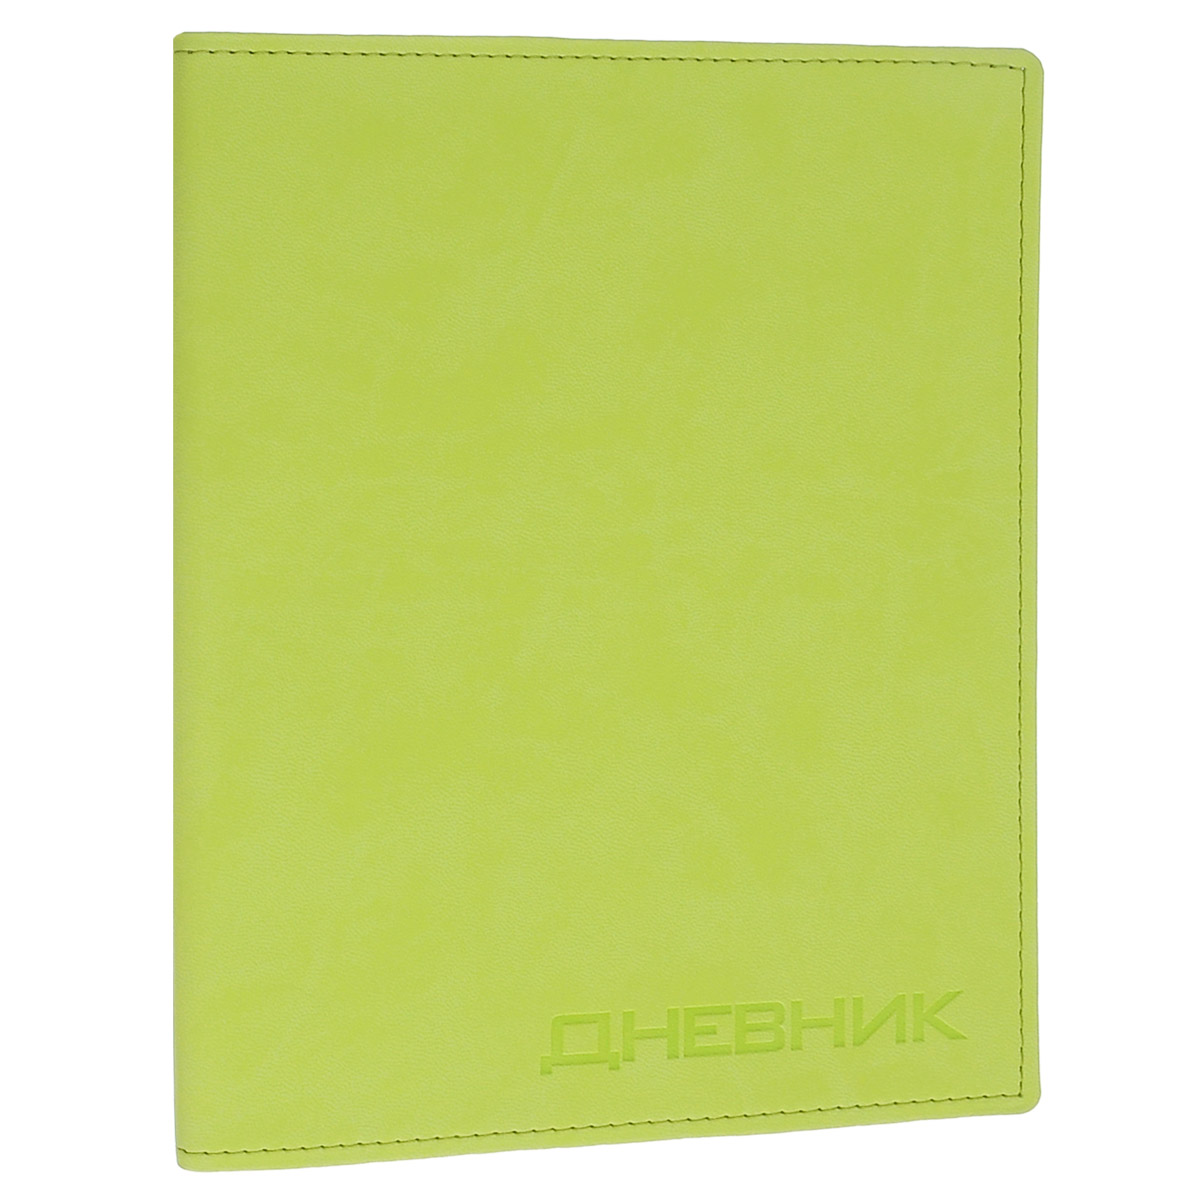 Школьный дневник Триумф Вивелла - первый ежедневник вашего ребенка. Он поможет ему не забыть свои задания, а вы всегда сможете проконтролировать его успеваемость.  Гибкая, высокопрочная интегральная обложка с закругленными углами прошита по периметру. Надпись нанесена путем вдавленного термотиснения и темнее основного цвета обложки, крепление сшитое. На разворотах под обложкой дневник дополнен политической и физической картой России. Внутренний блок выполнен из качественной бумаги кремового цвета с четкой линовкой темно-серого цвета. В структуру дневника входят все необходимые разделы: информация о школе и педагогах, расписание занятий и факультативов по четвертям. На последней странице для итоговых оценок незаполненные графы изучаемых предметов.